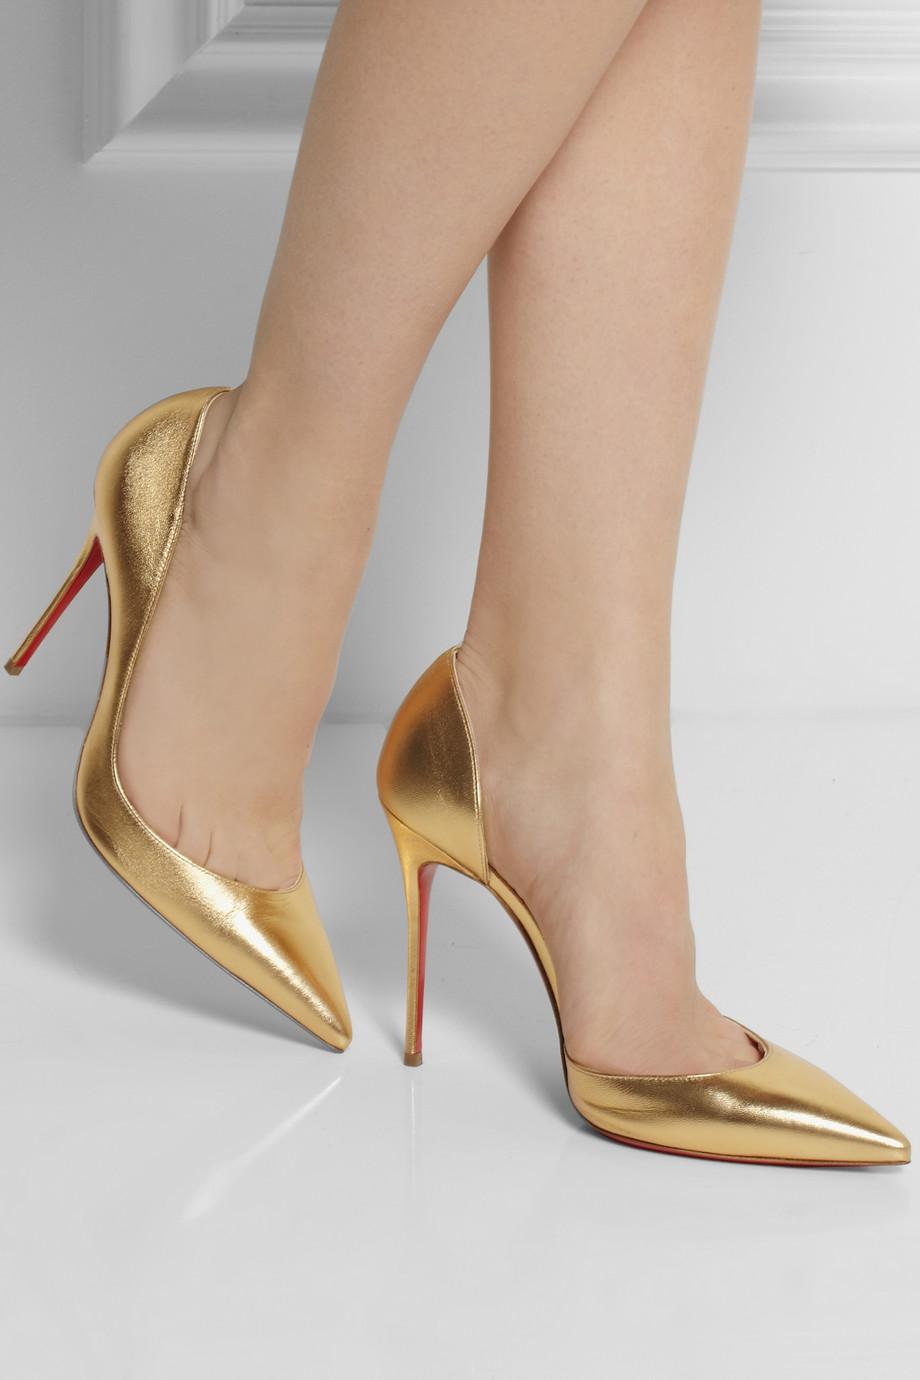 altın-sarısı-2016-stiletto-ayakkabı-modelleri